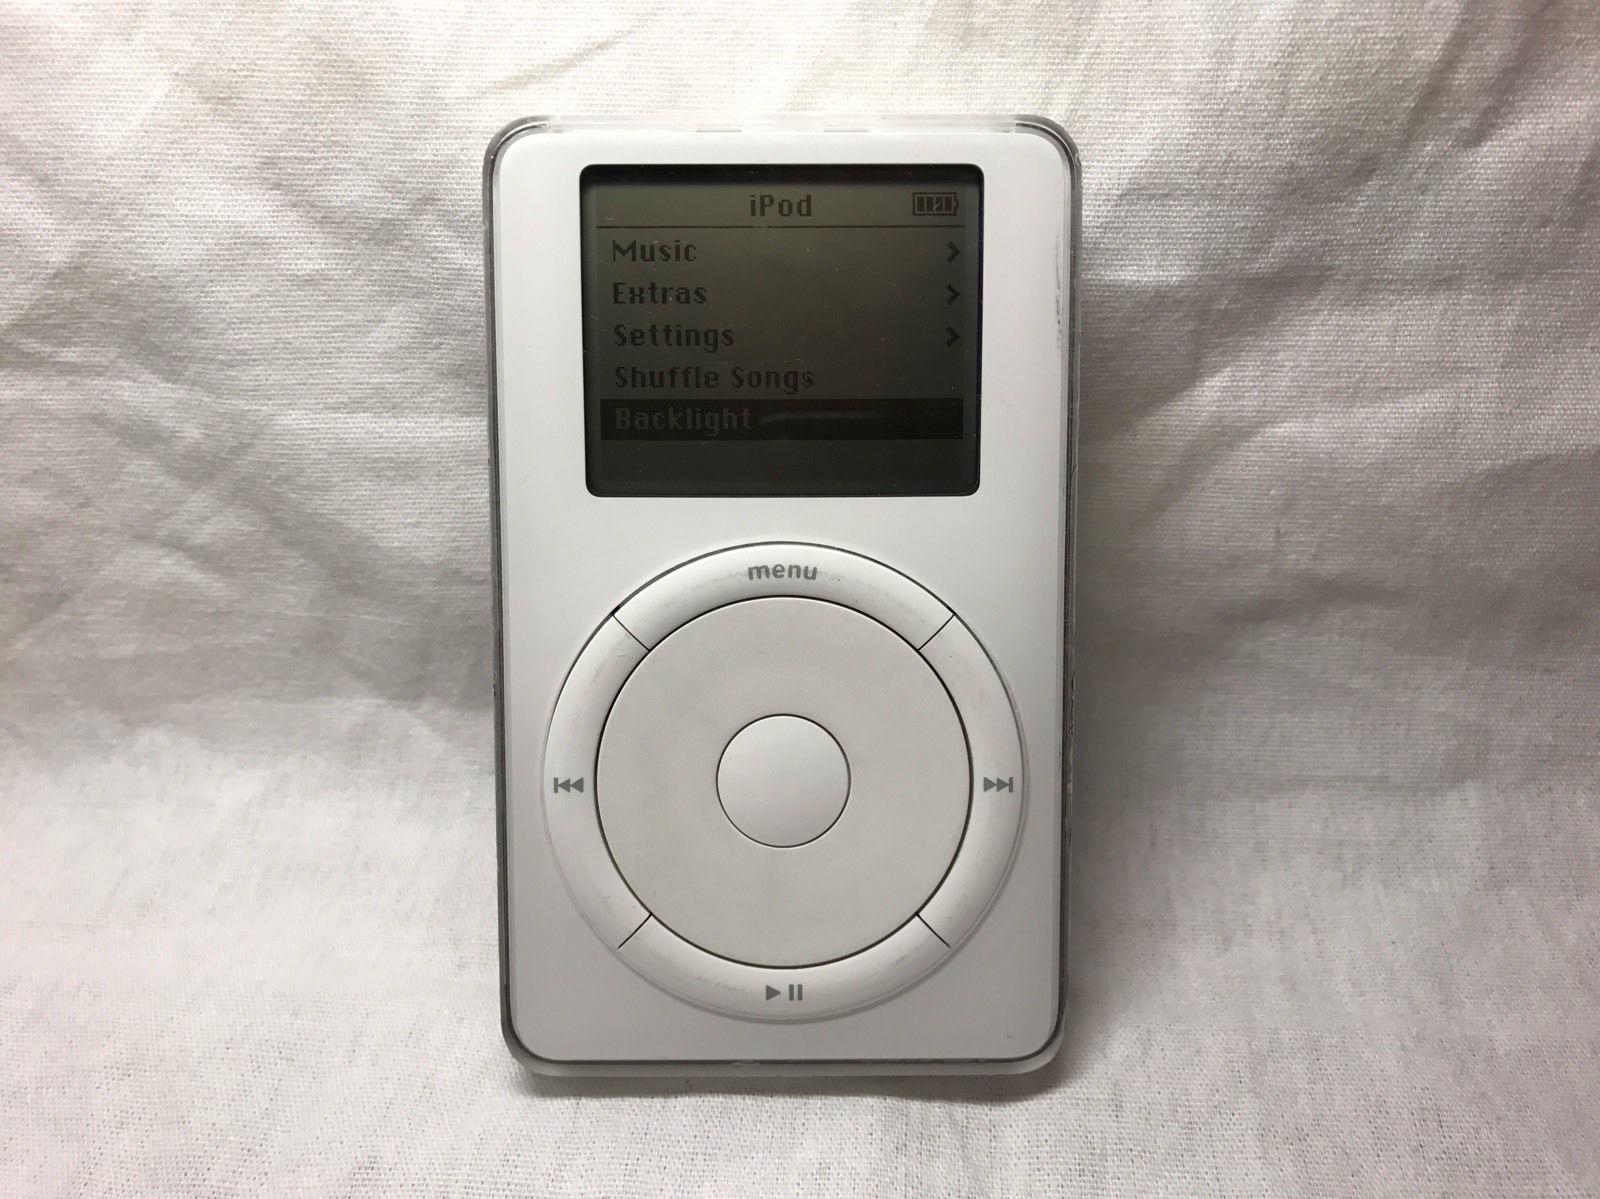 Esimese põlvkonna iPodi prototüüp ilmus eBays; omanik soovib toote eest 99 995 dollarit triviaalseid esemeid